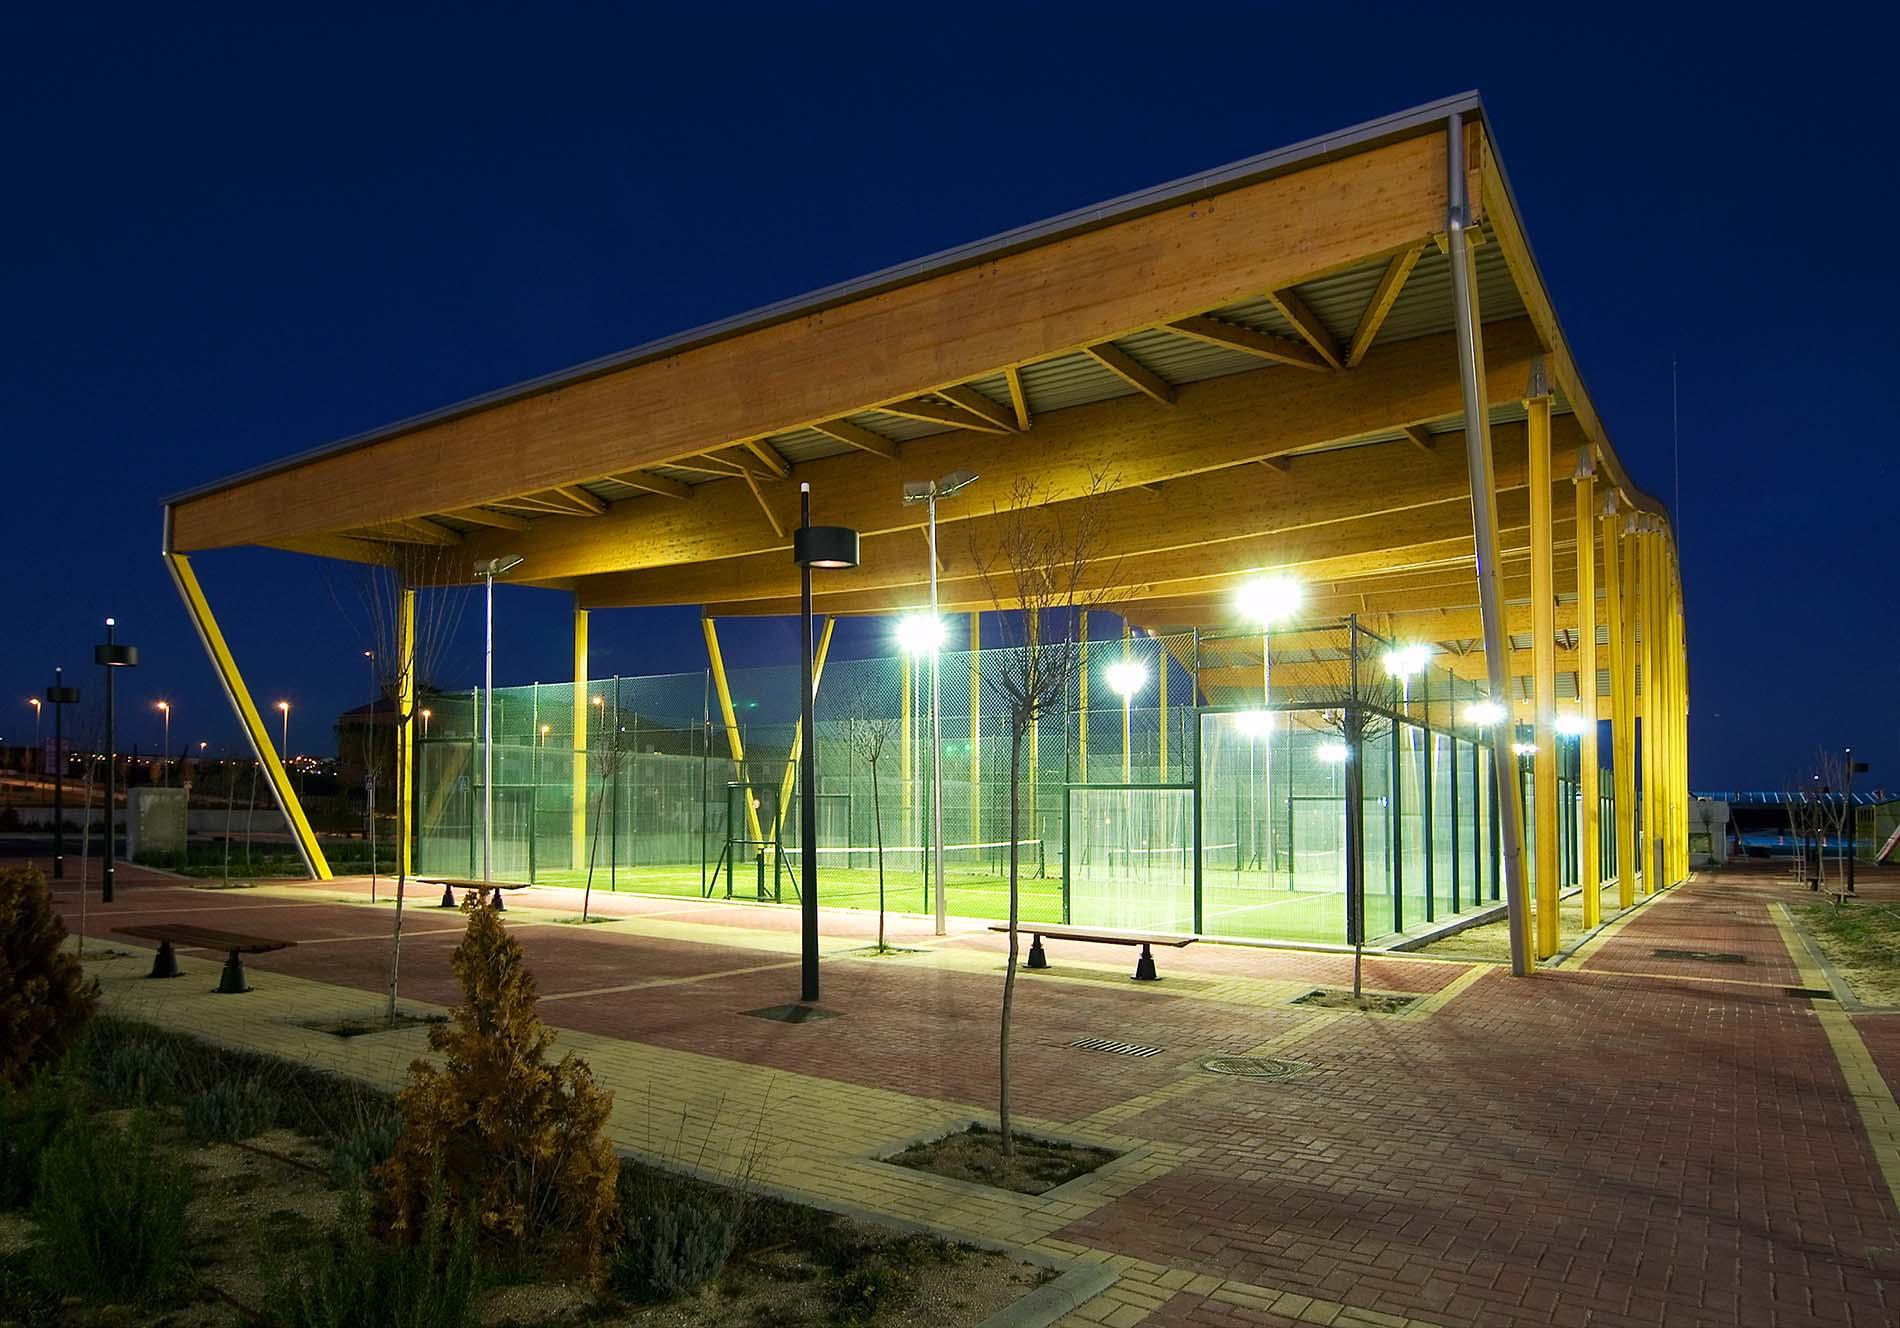 Polideportivo Estación 4